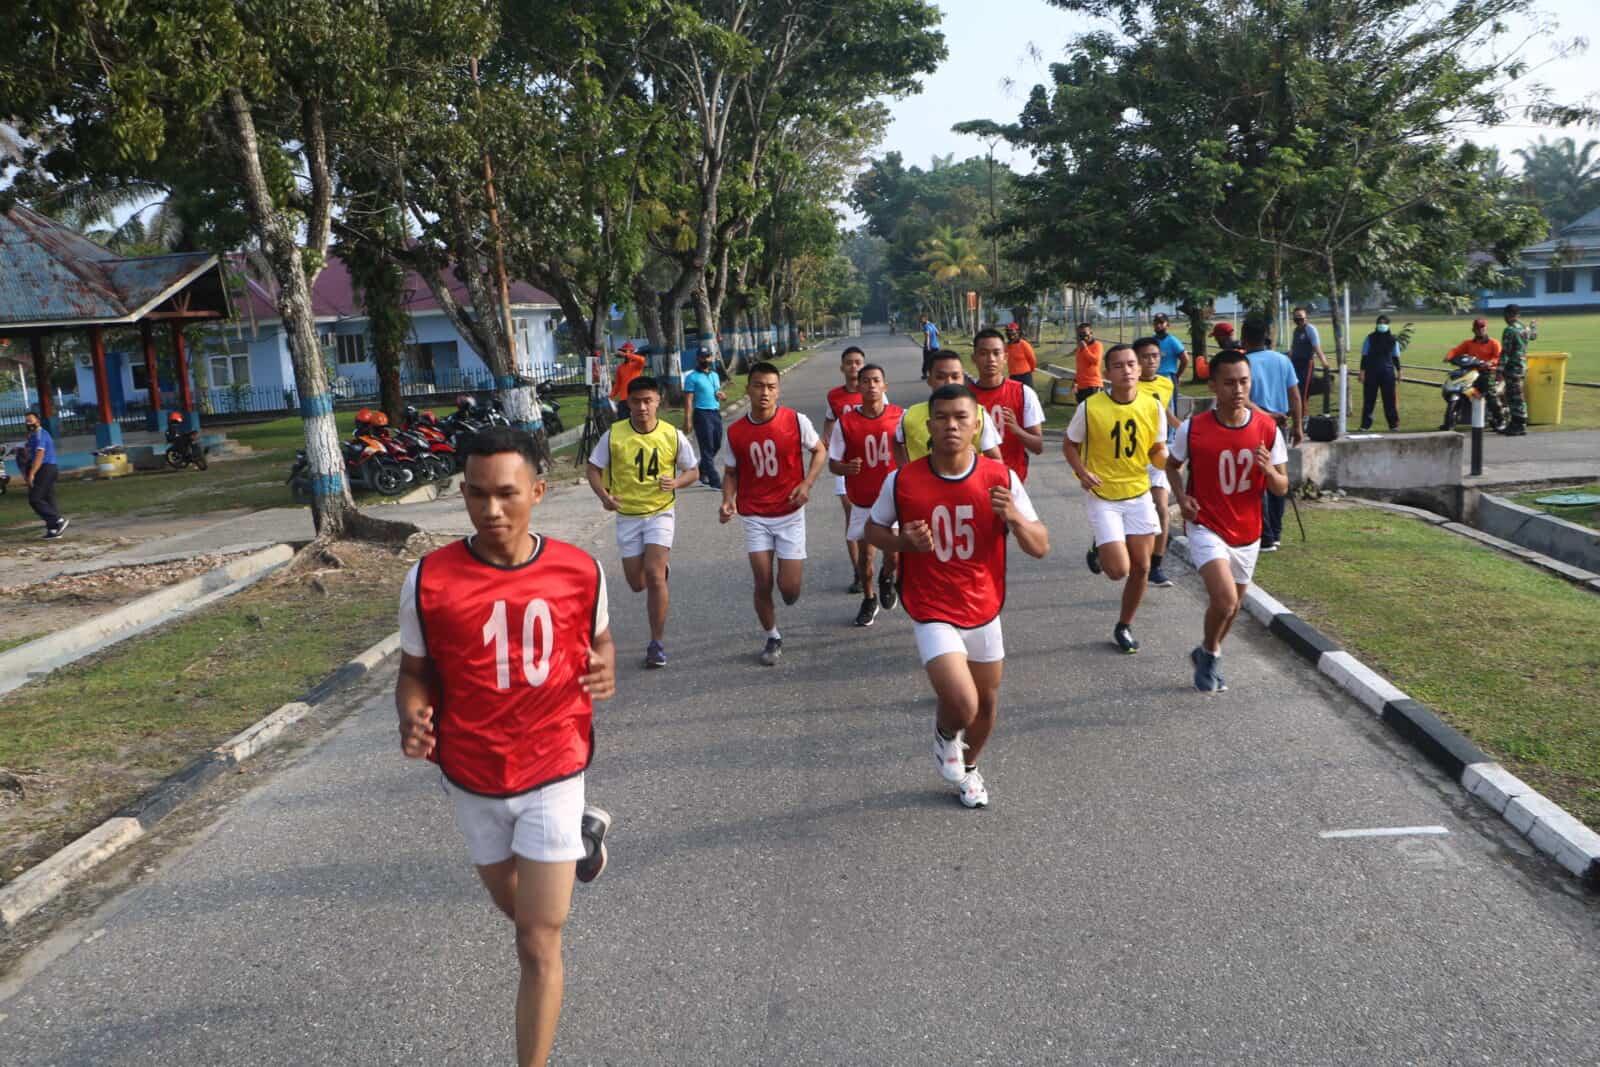 Calon Perwira PSDP Penerbang TNI Ikuti Tes Samapta